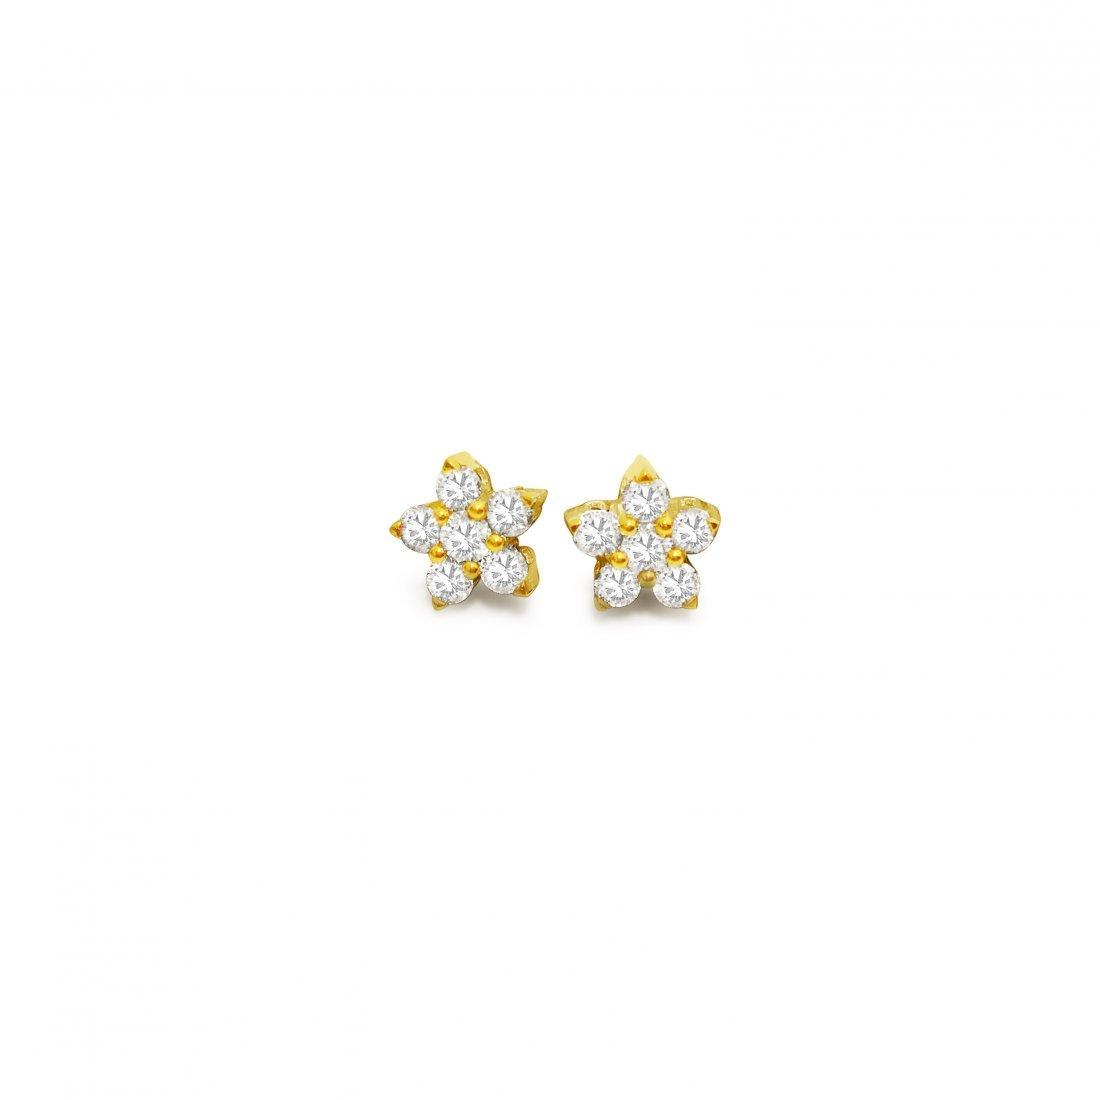 14K Gold Star Diamond Earrings - 2